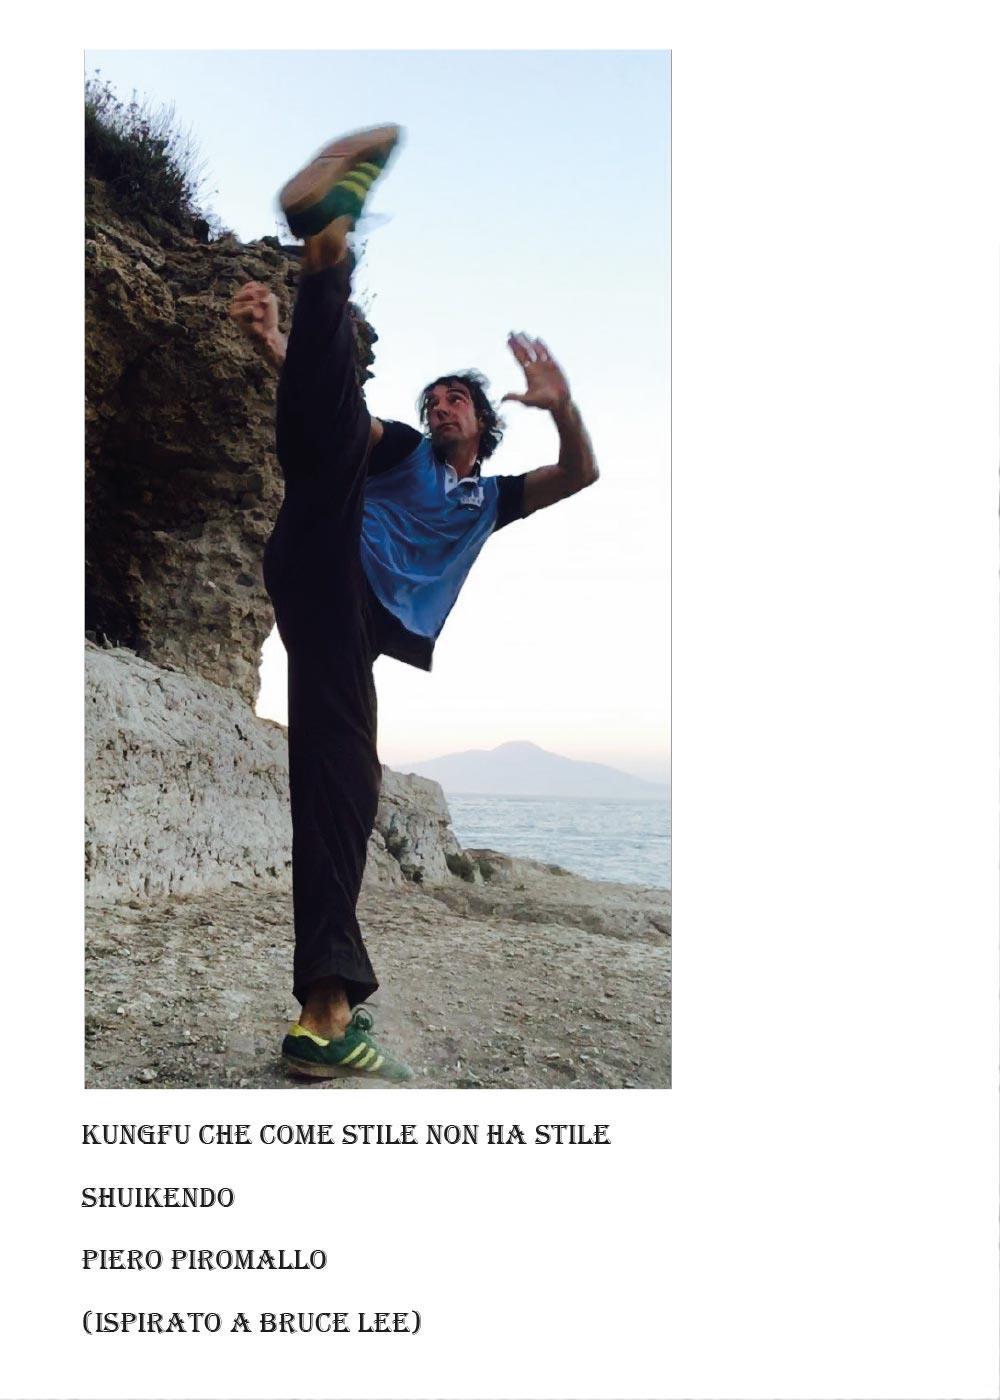 Kungfu che come stile non ha stile Shuikendo